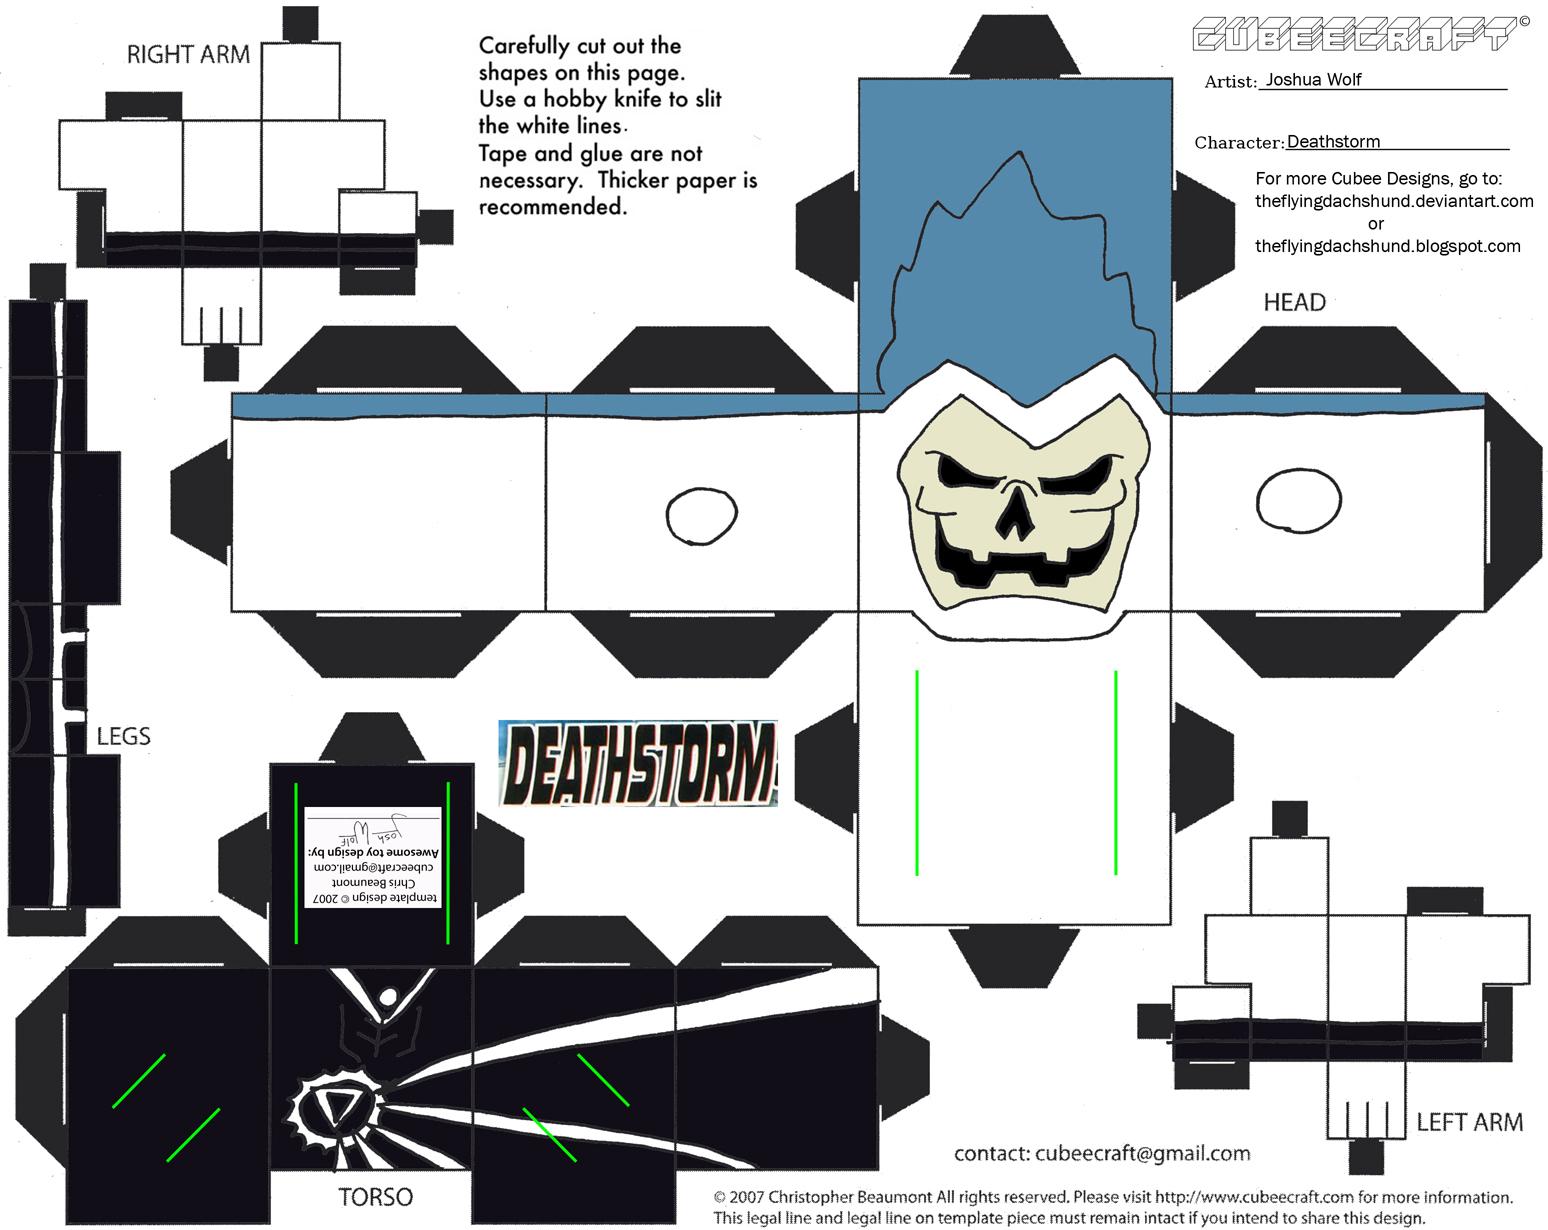 Vil19: Deathstorm Cubee